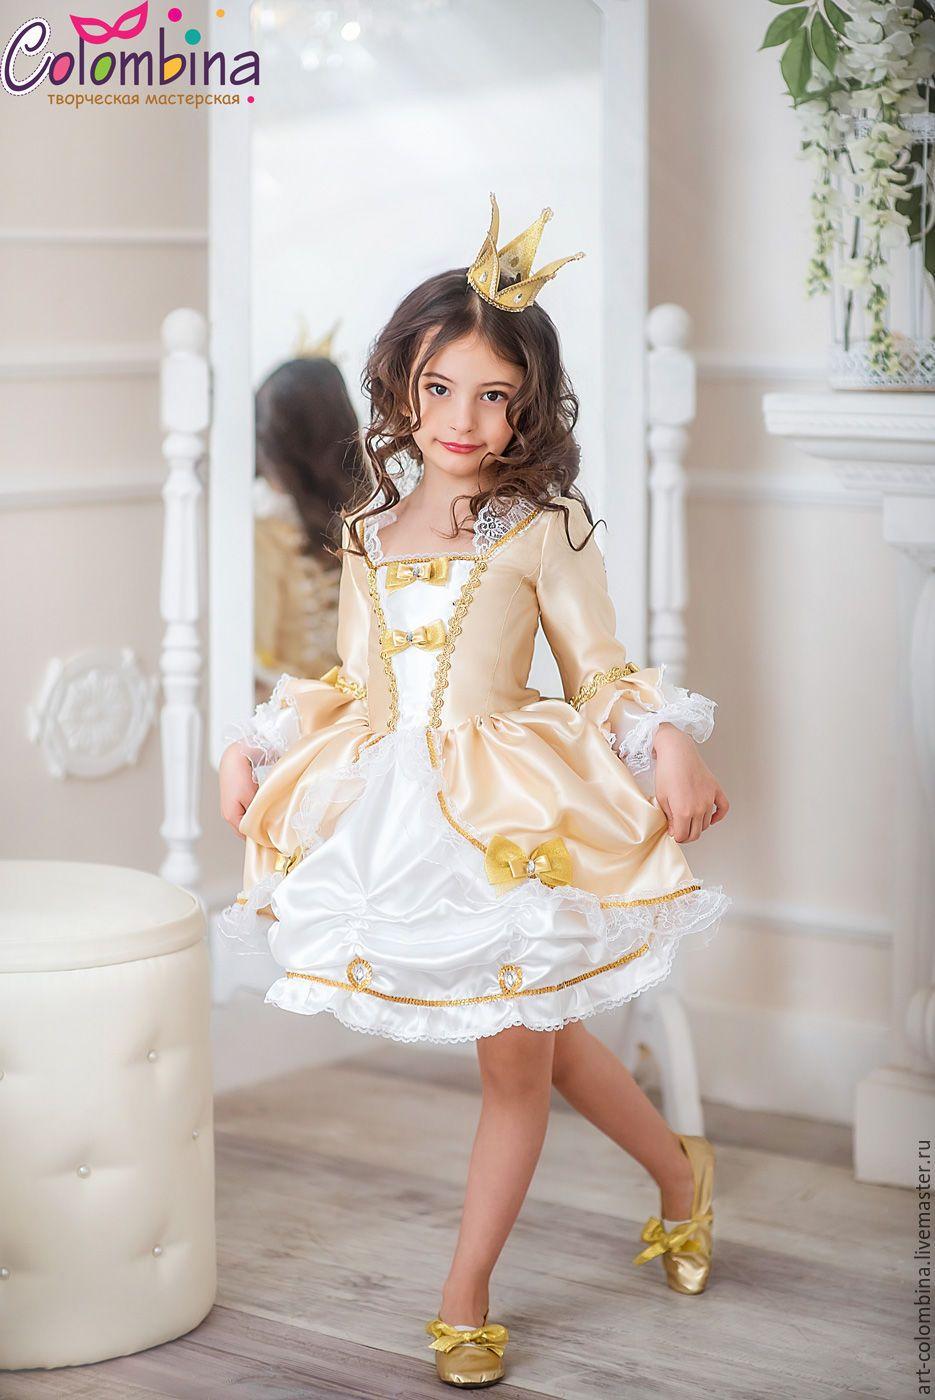 Купить карнавальный костюм принцессы - золотой, принцесса ... - photo#15